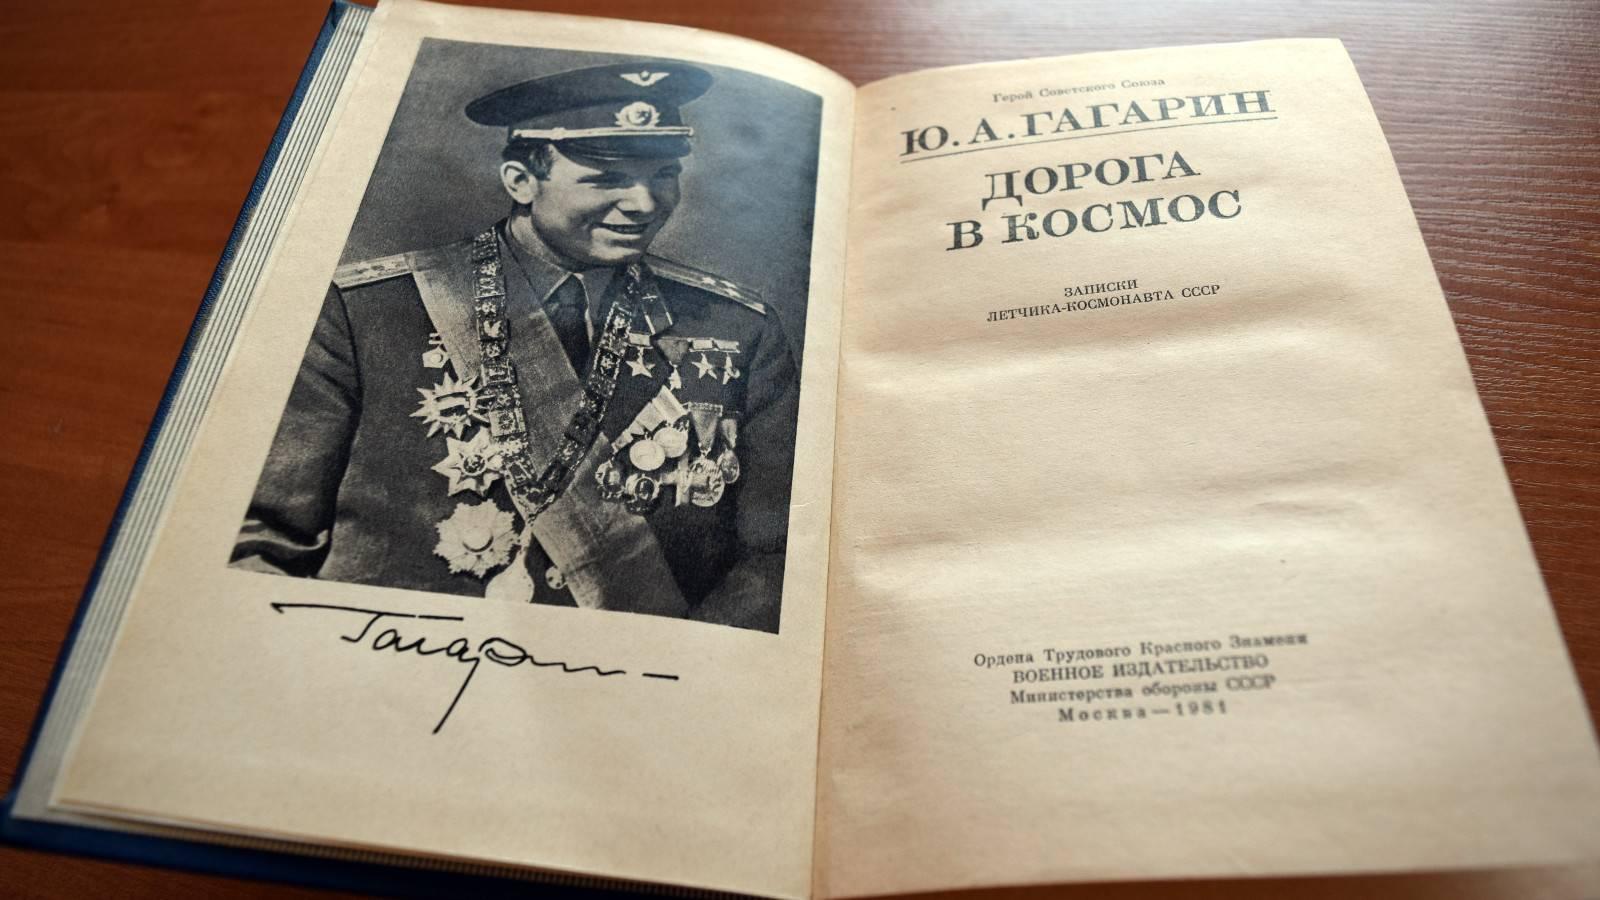 Гагарин Ю. А. Дорога в космос. Записки летчика-космонавта. М: 1981